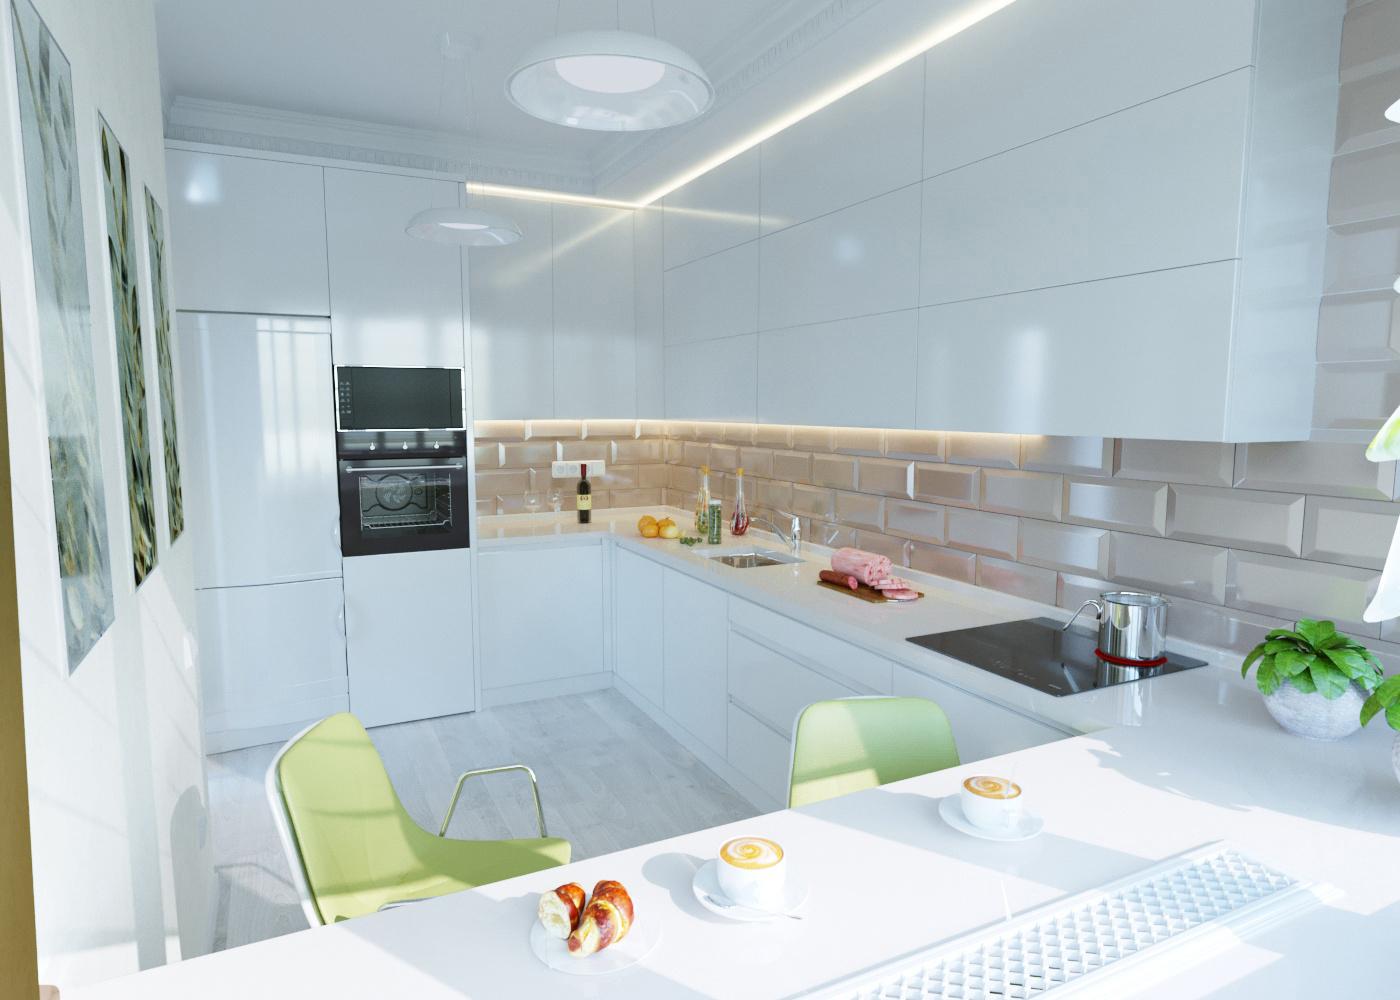 Фриланс дизайн кухни скрипт биржи удаленной работы на